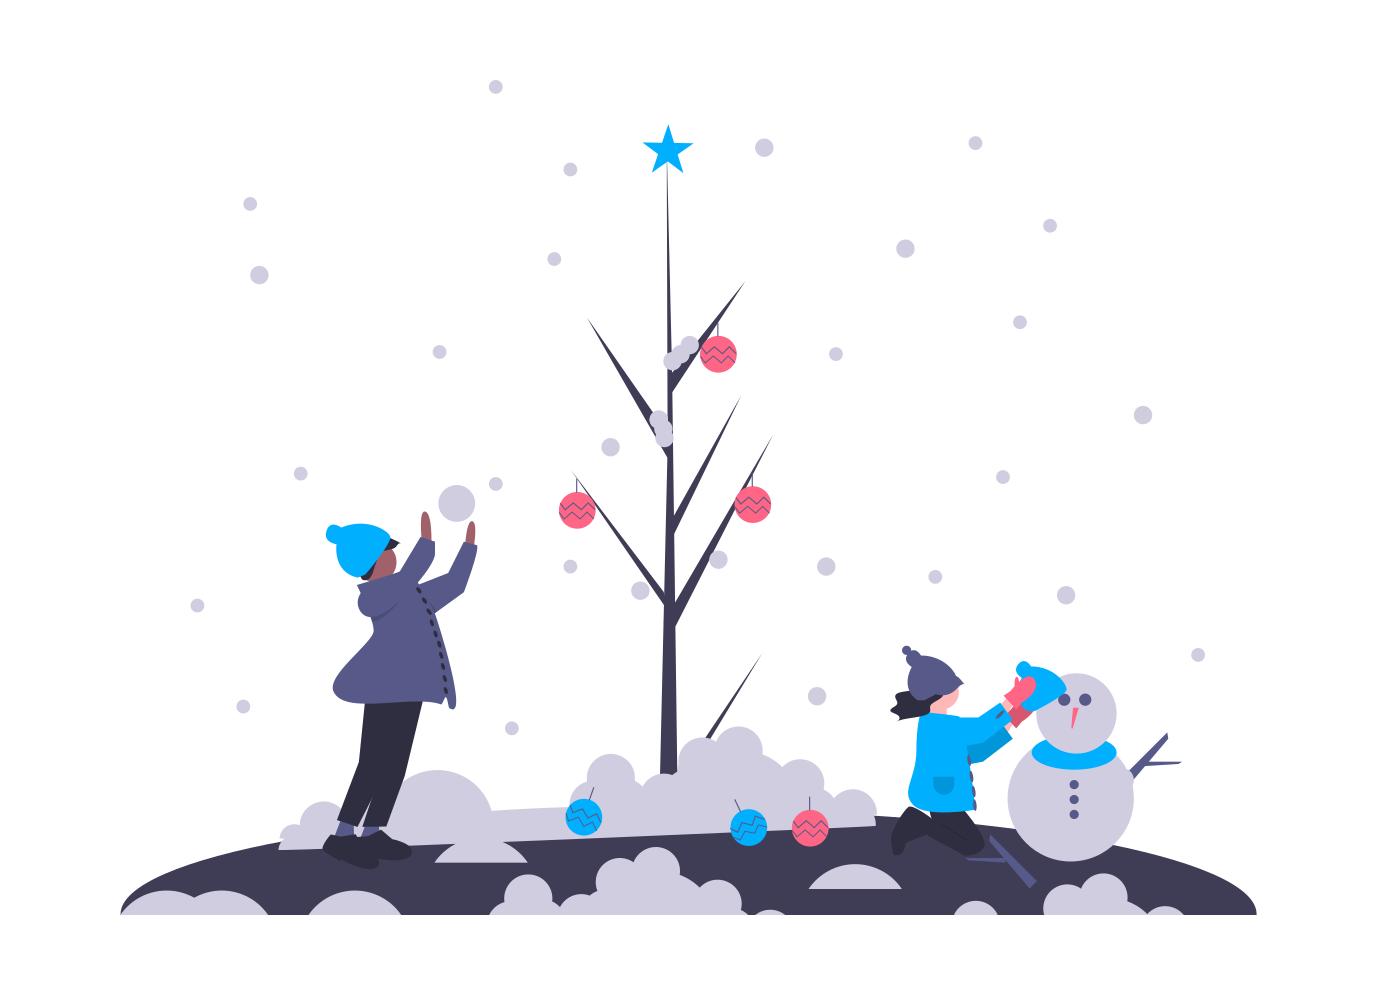 SnowballEdge